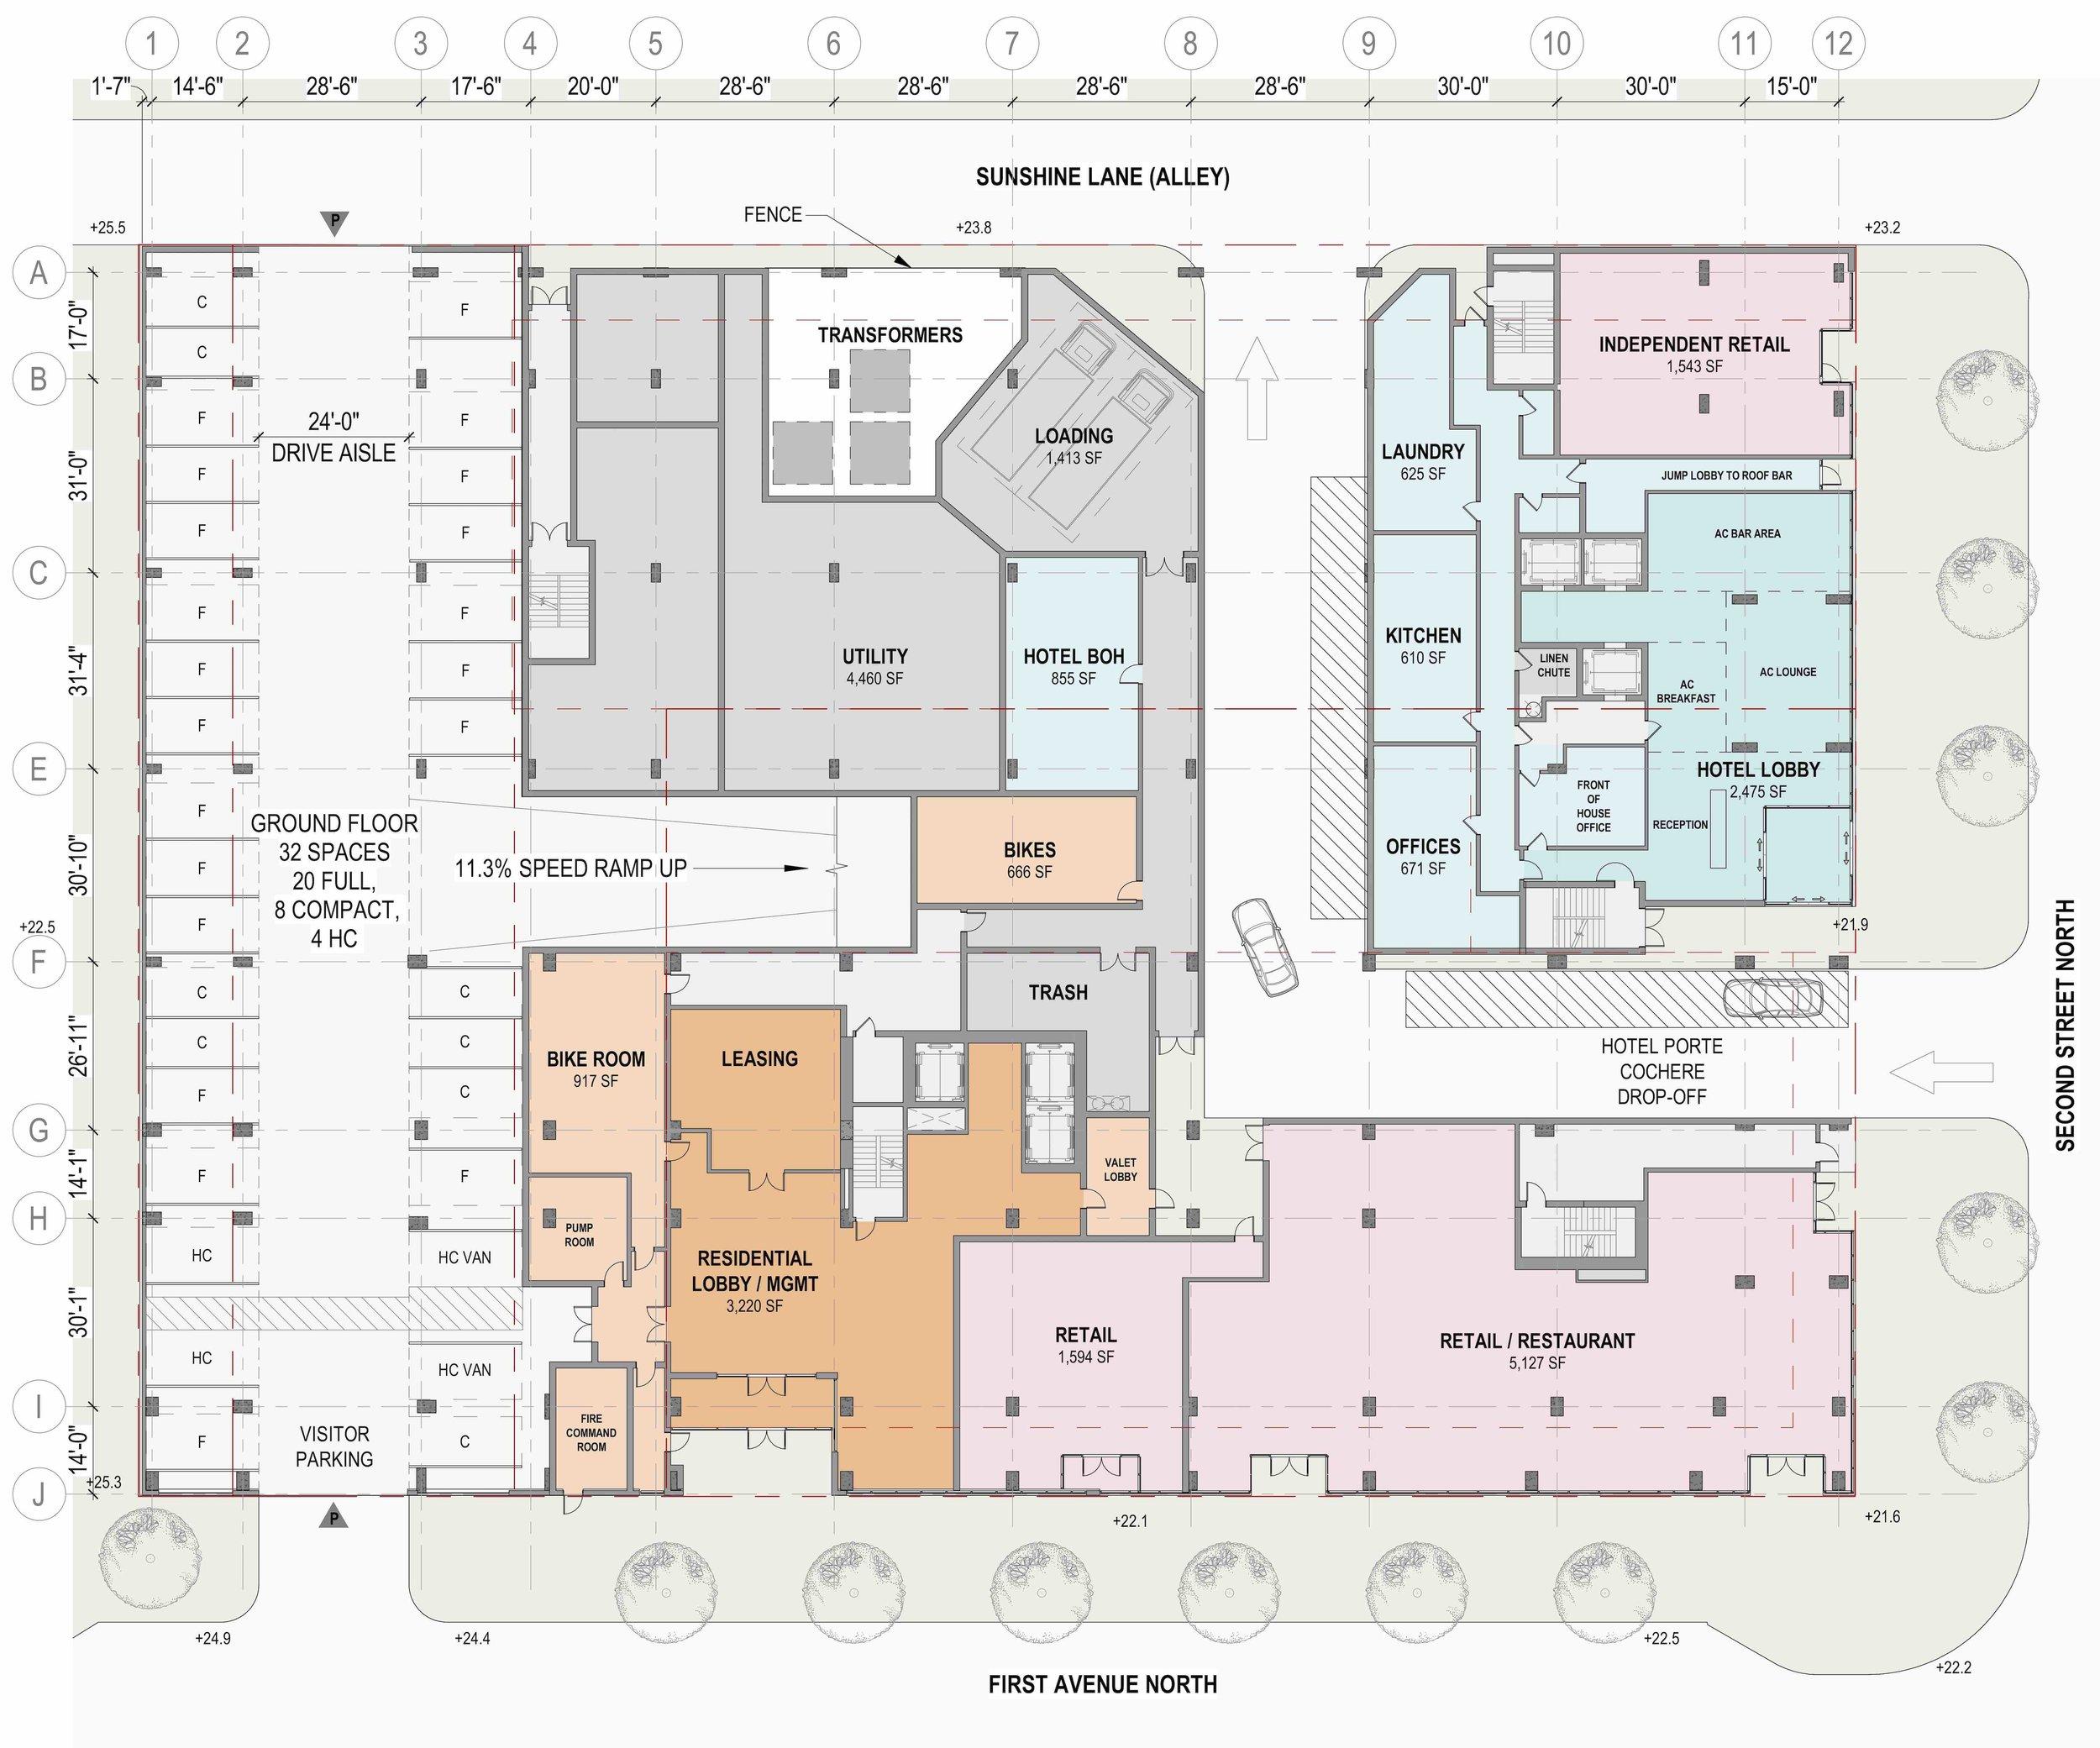 Site Plan - 1st Floor